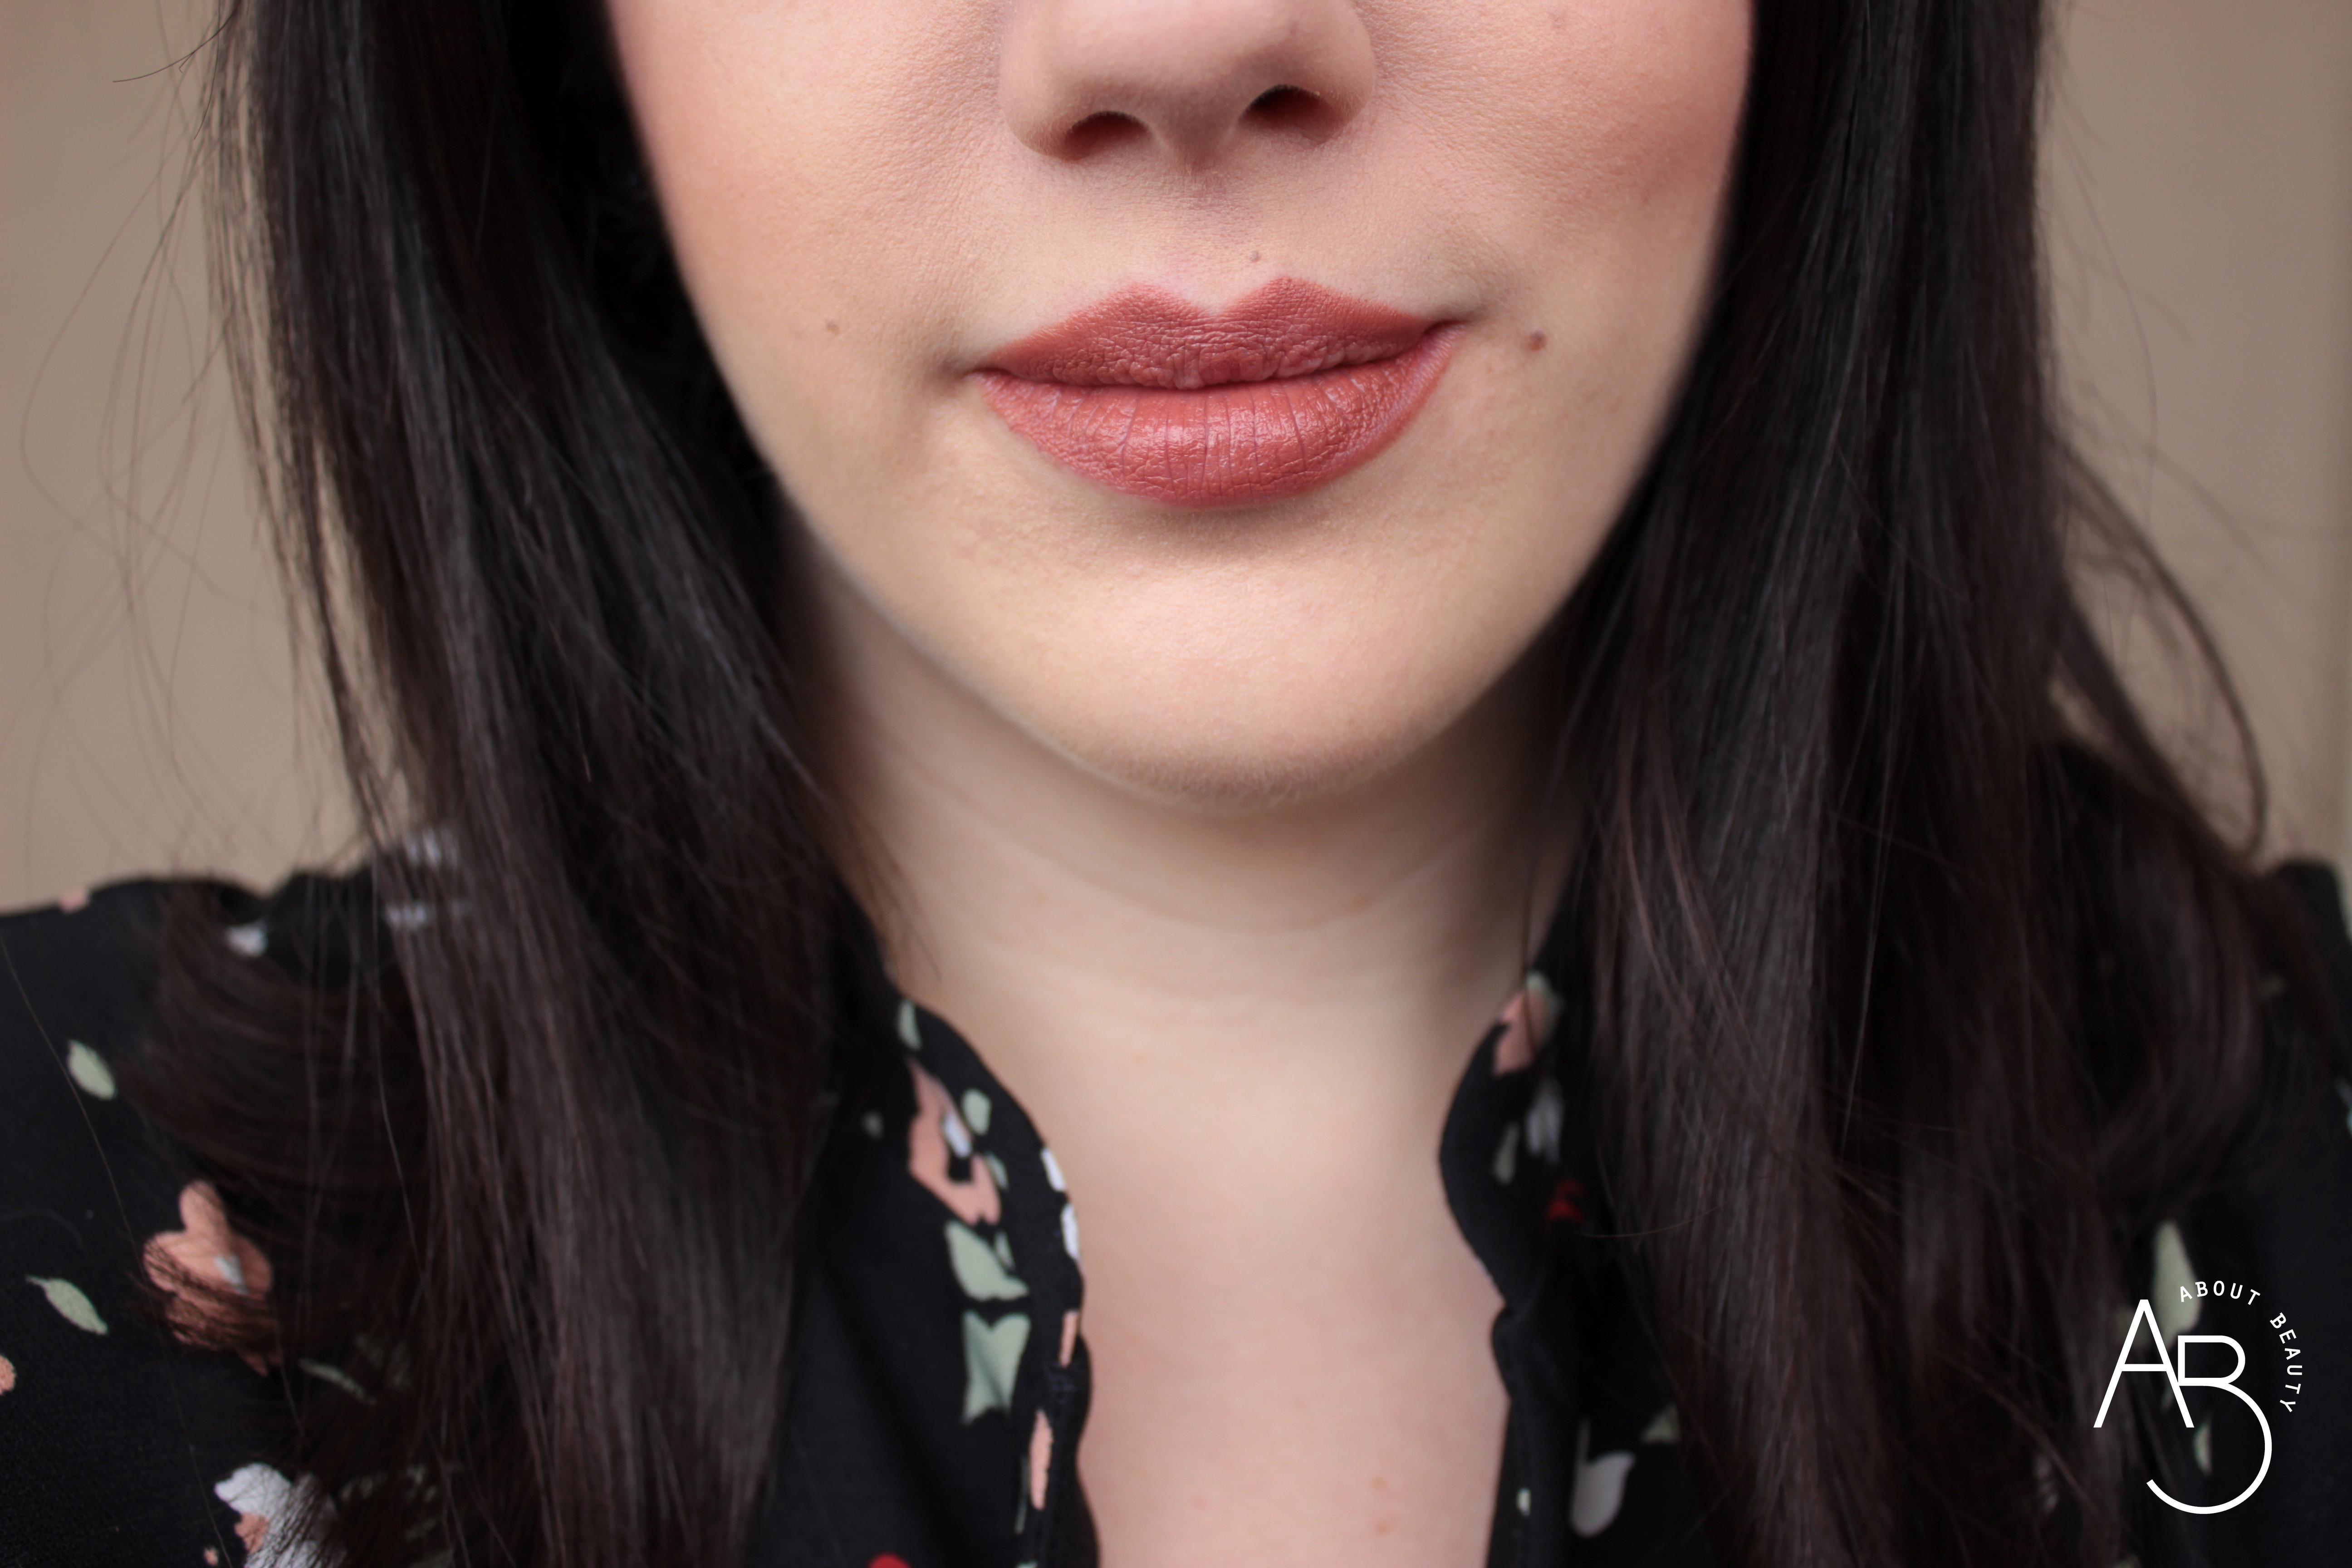 Nuovi rossetti newDElicious Dessert a Levres Neve Cosmetics 2019 - Info, review, recensione, opinioni, swatches, data uscita, prezzo, sconto - Crème Caramel